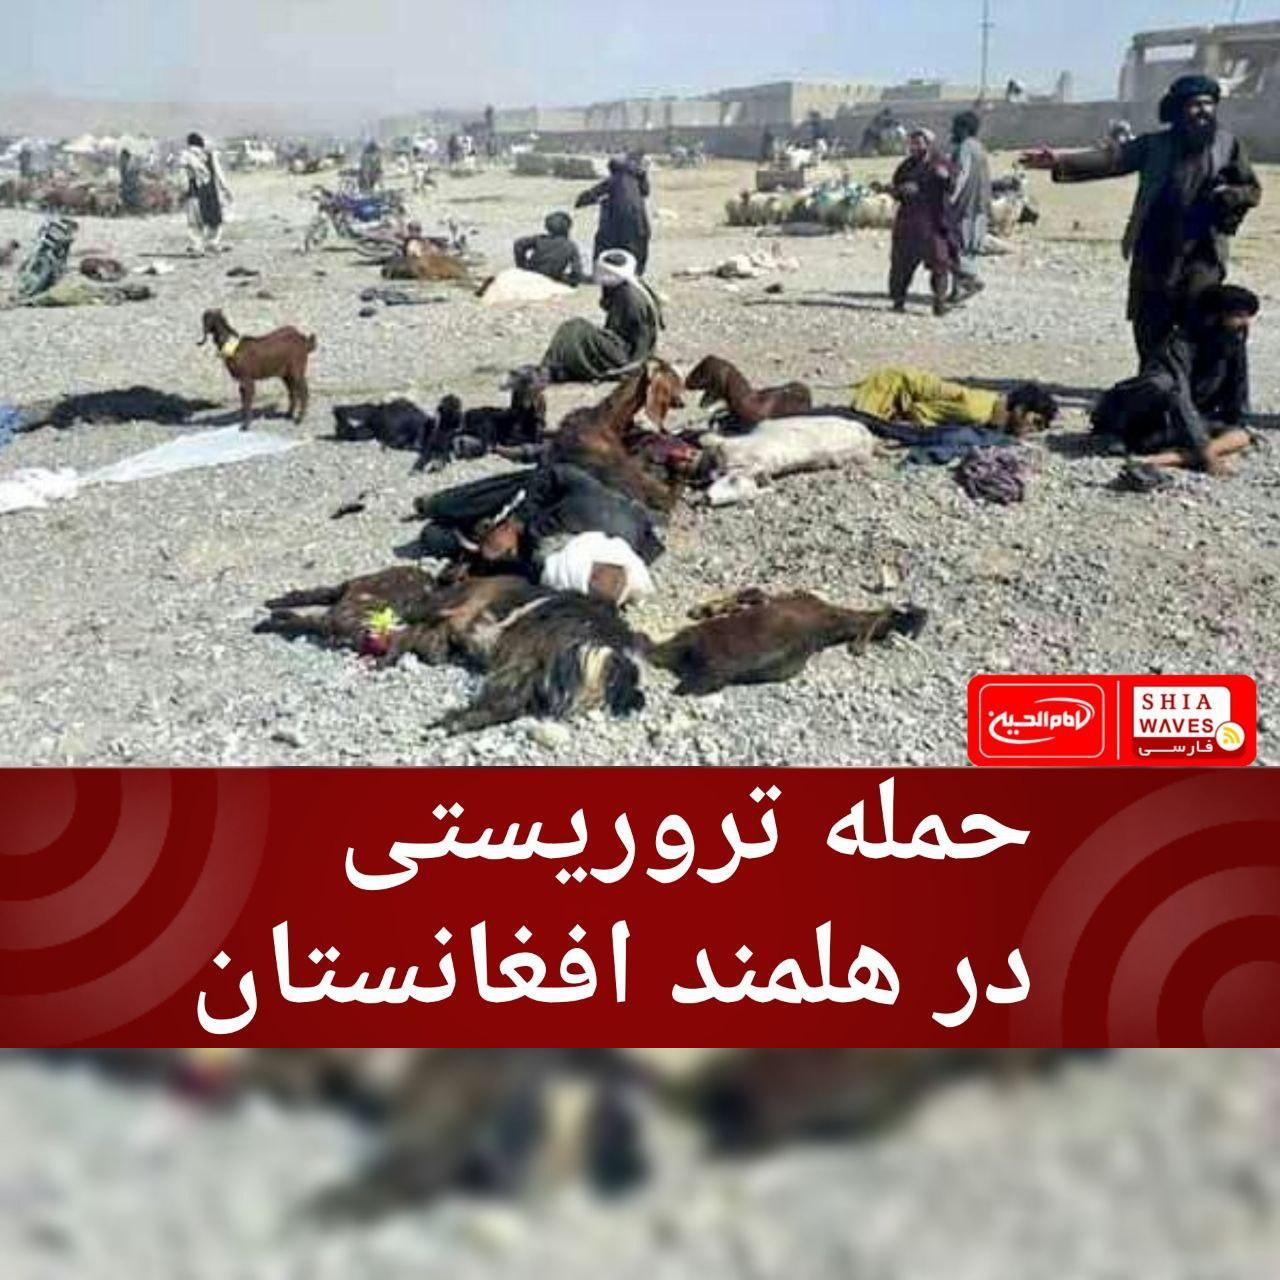 تصویر حمله تروریستی در هلمند افغانستان